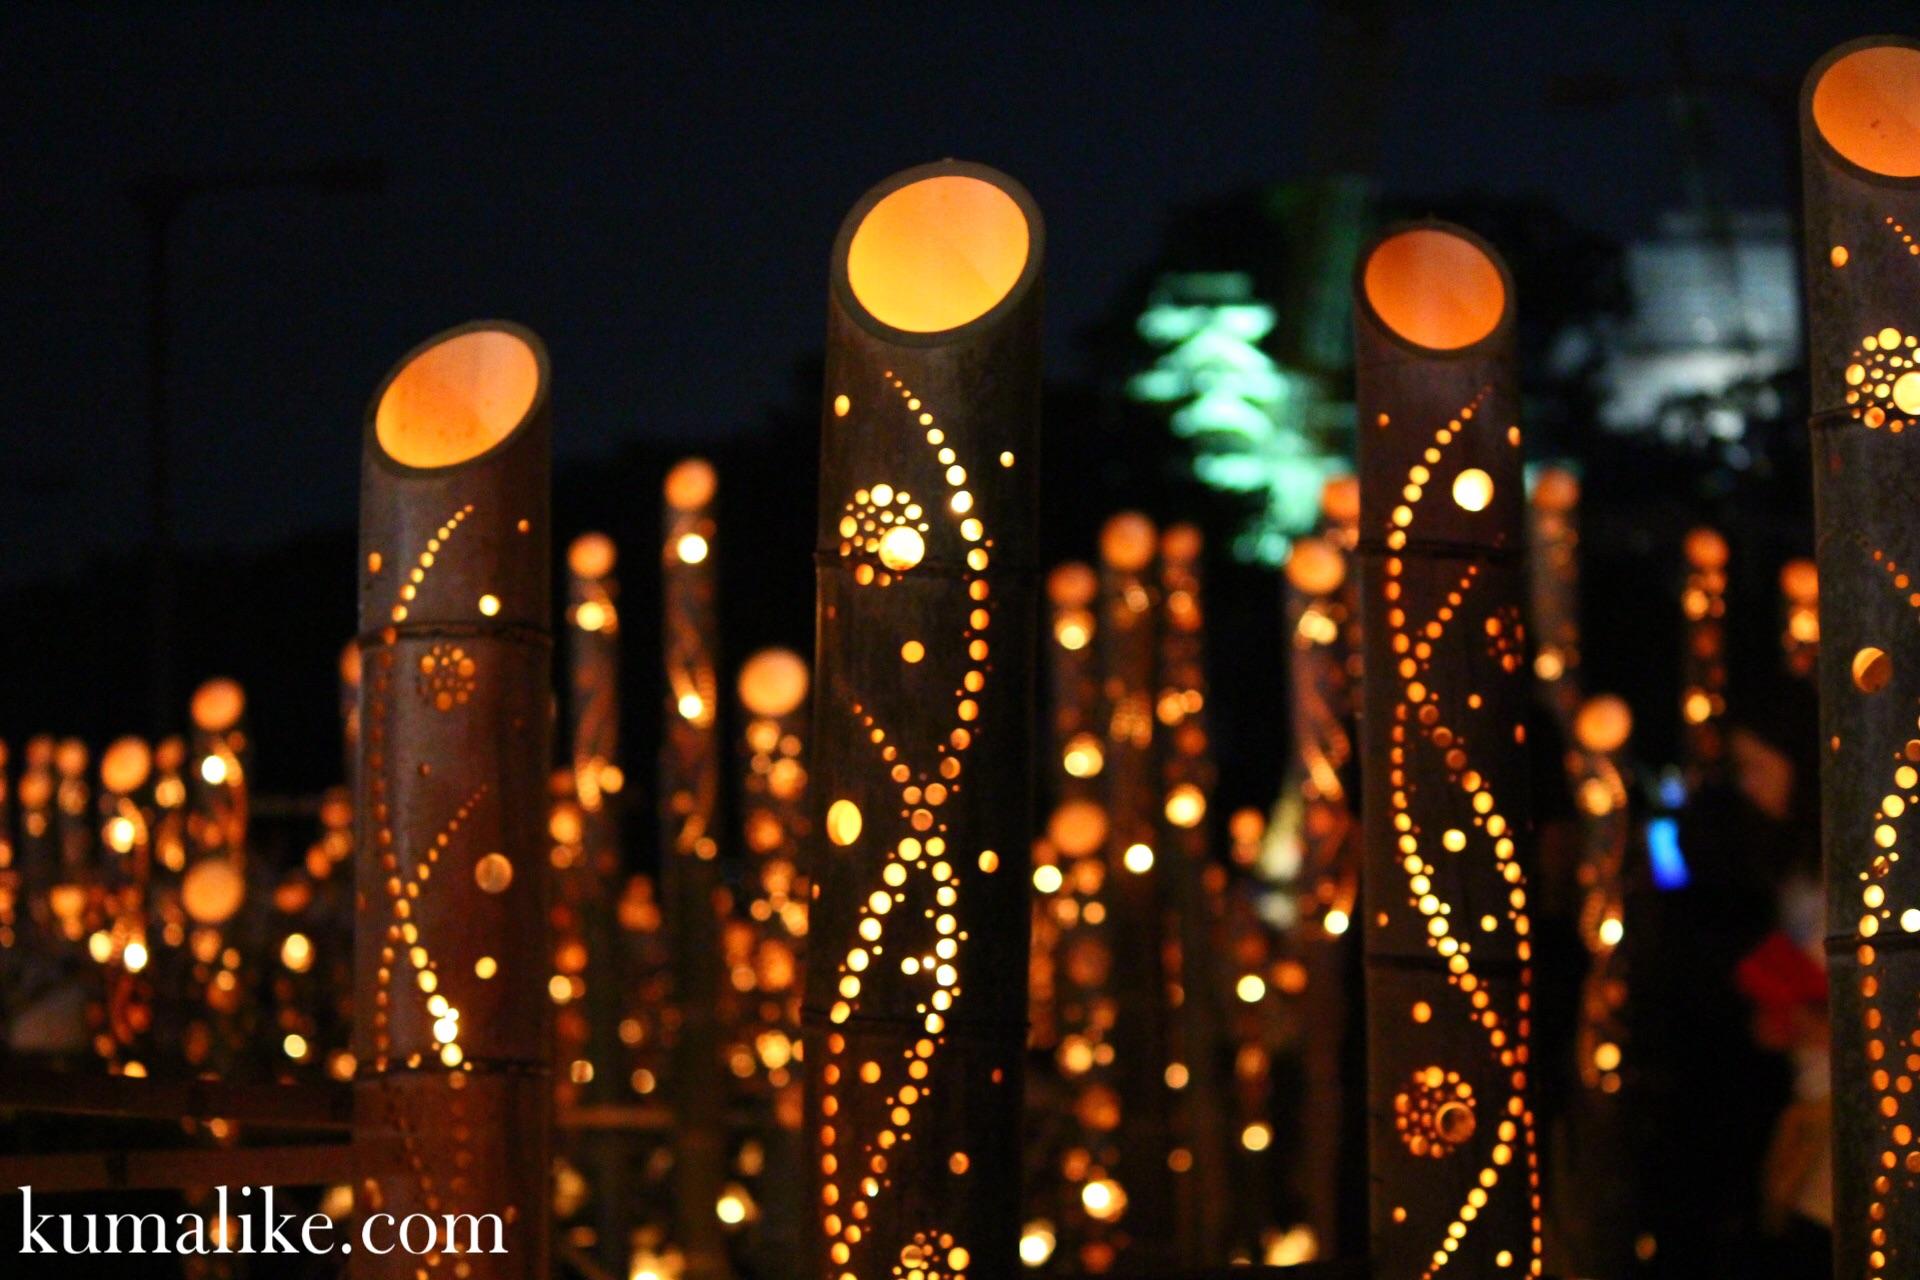 【みずあかり】熊本!幻想的な灯りの祭典行った@写真沢山UP